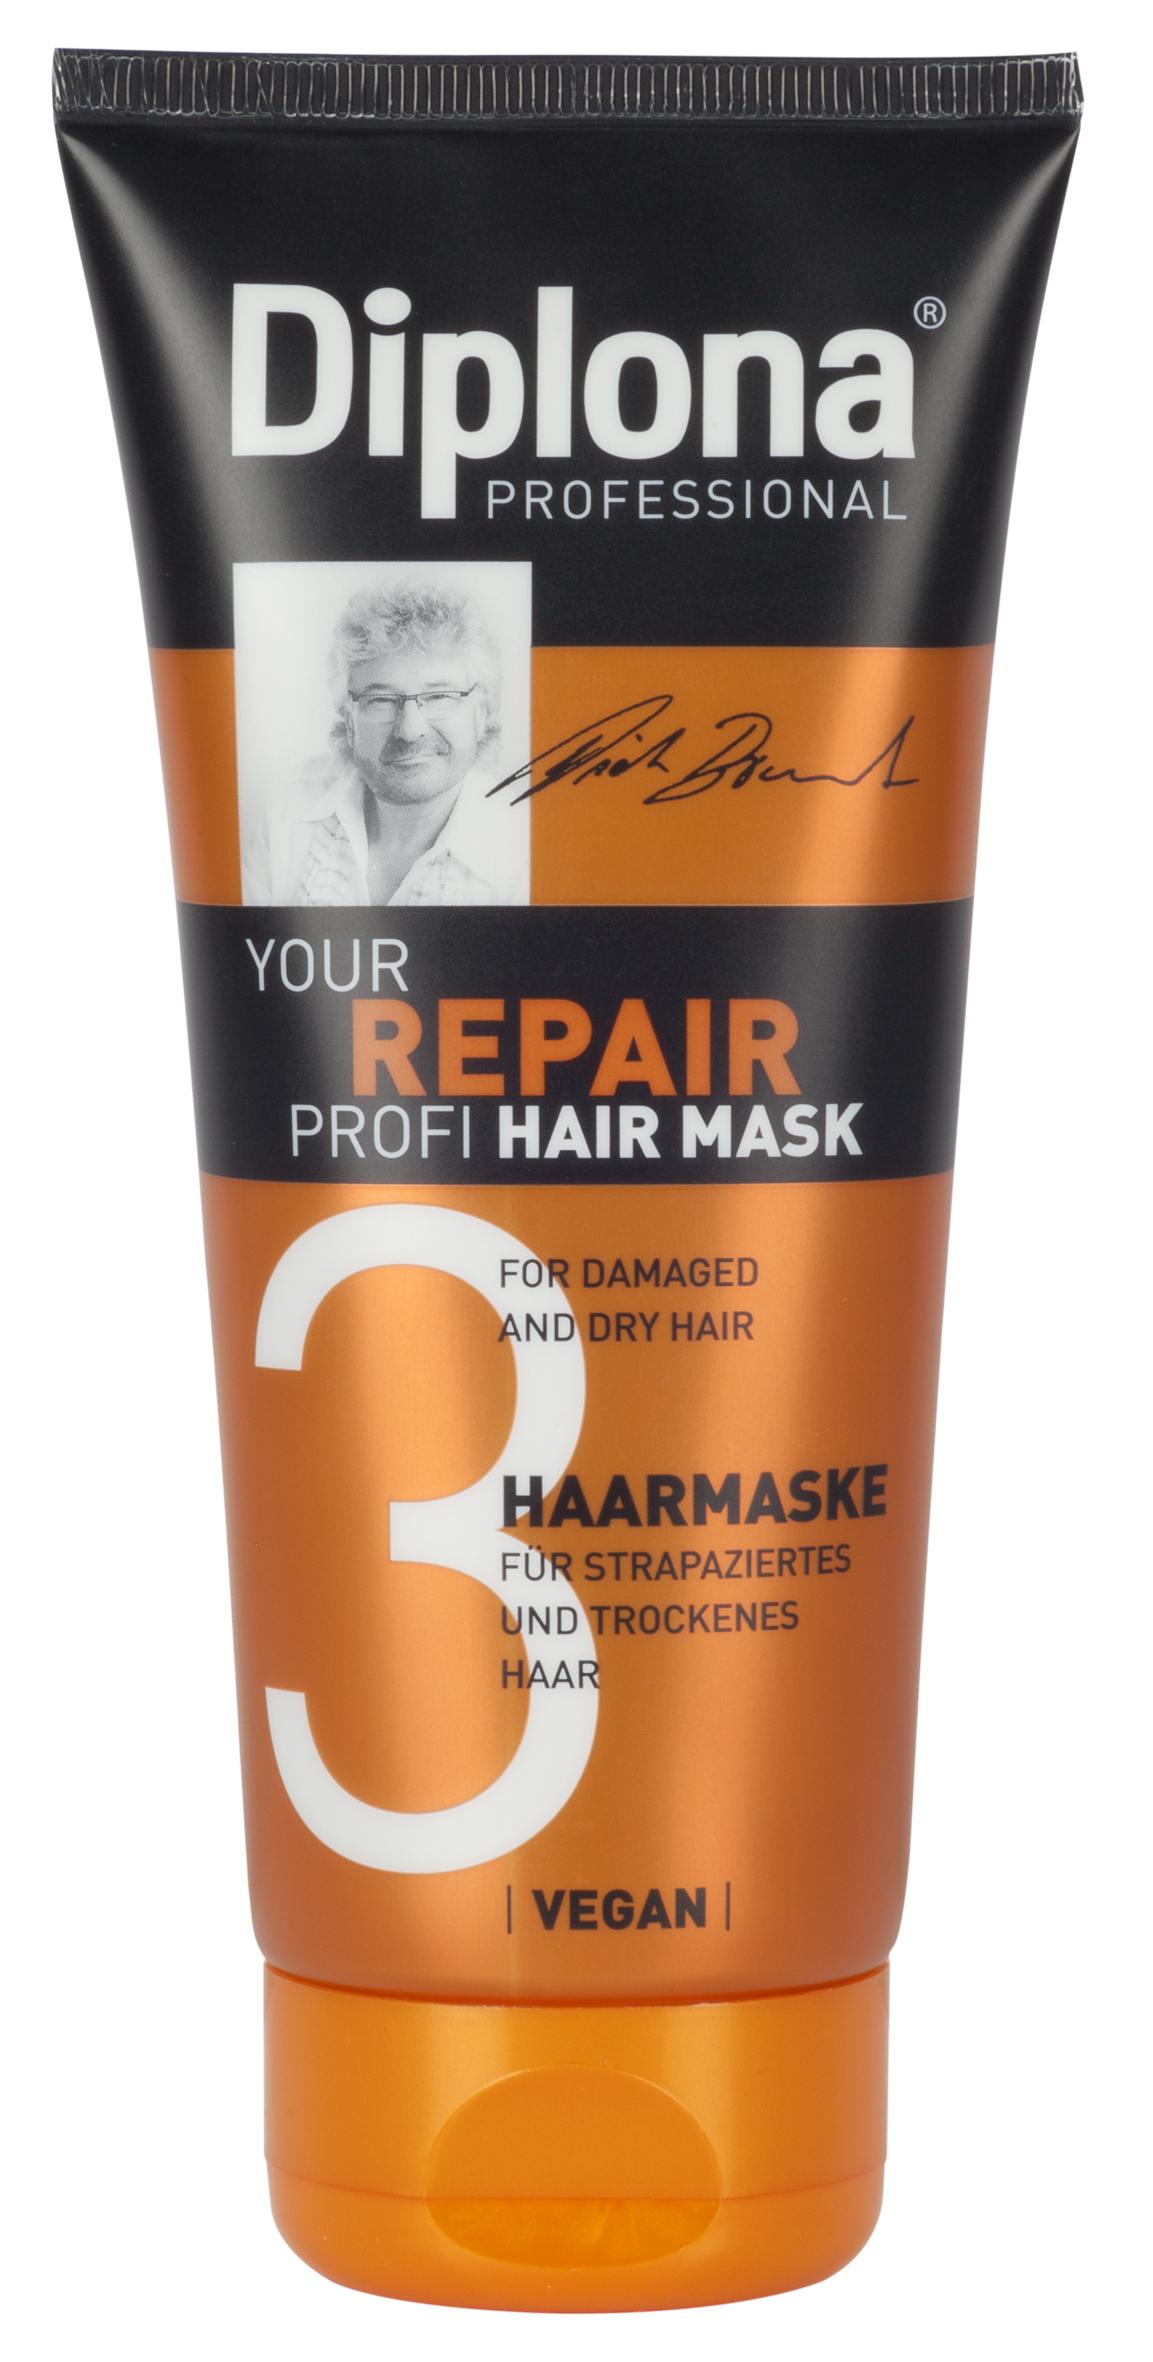 Маска для волос Diplona Professional Your Repair Profi, для сухих и поврежденных волос, 200 мл848890Маска для волос Diplona Professional Your Repair Profi - профессиональная помощь для сухих и поврежденных волос. Основные компоненты: Протеины пшеницы - увлажняют кожу, способствуют восстановлению блеска и эластичности волос, обеспечивают защиту и питание сухих волос. Пантенол - помогает восстановить поврежденные волосяные луковицы и секущиеся концы волос. Витамин В3 - благодаря своему сосудорасширяющему действию позволяет облегчить проникновение активных веществ, что благоприятно влияет на рост волос. Экстракт черной смородины - богат витаминами А, В и С, которые питают и защищают волосы от самых корней. Витамин Е - восстановляет первоначальную структуру волос, укрепляет корневые луковицы, придает волосам блеск и объем. Экстракт семян грейпфрута - улучшает регенерацию, отлично увлажняет и питает кожу и волосы благодаря высокому содержанию линолиевой кислоты. Экстракт моркови - питает, увлажняет и восстанавливает структуру волос. Защищает от жирного блеска, ломкости и сухости. Характеристики: Объем: 200 мл. Производитель: Германия. Артикул: 95182.Diplona Professionalсуществует на немецком рынке более 40 лет, была разработана совместно с лучшим стилистом, неоднократным победителем конкурсов парикмахерского искусства Германии и основателем немецких салонов красоты с 60-летней историей Дитером Брюннетом.Товар сертифицирован.